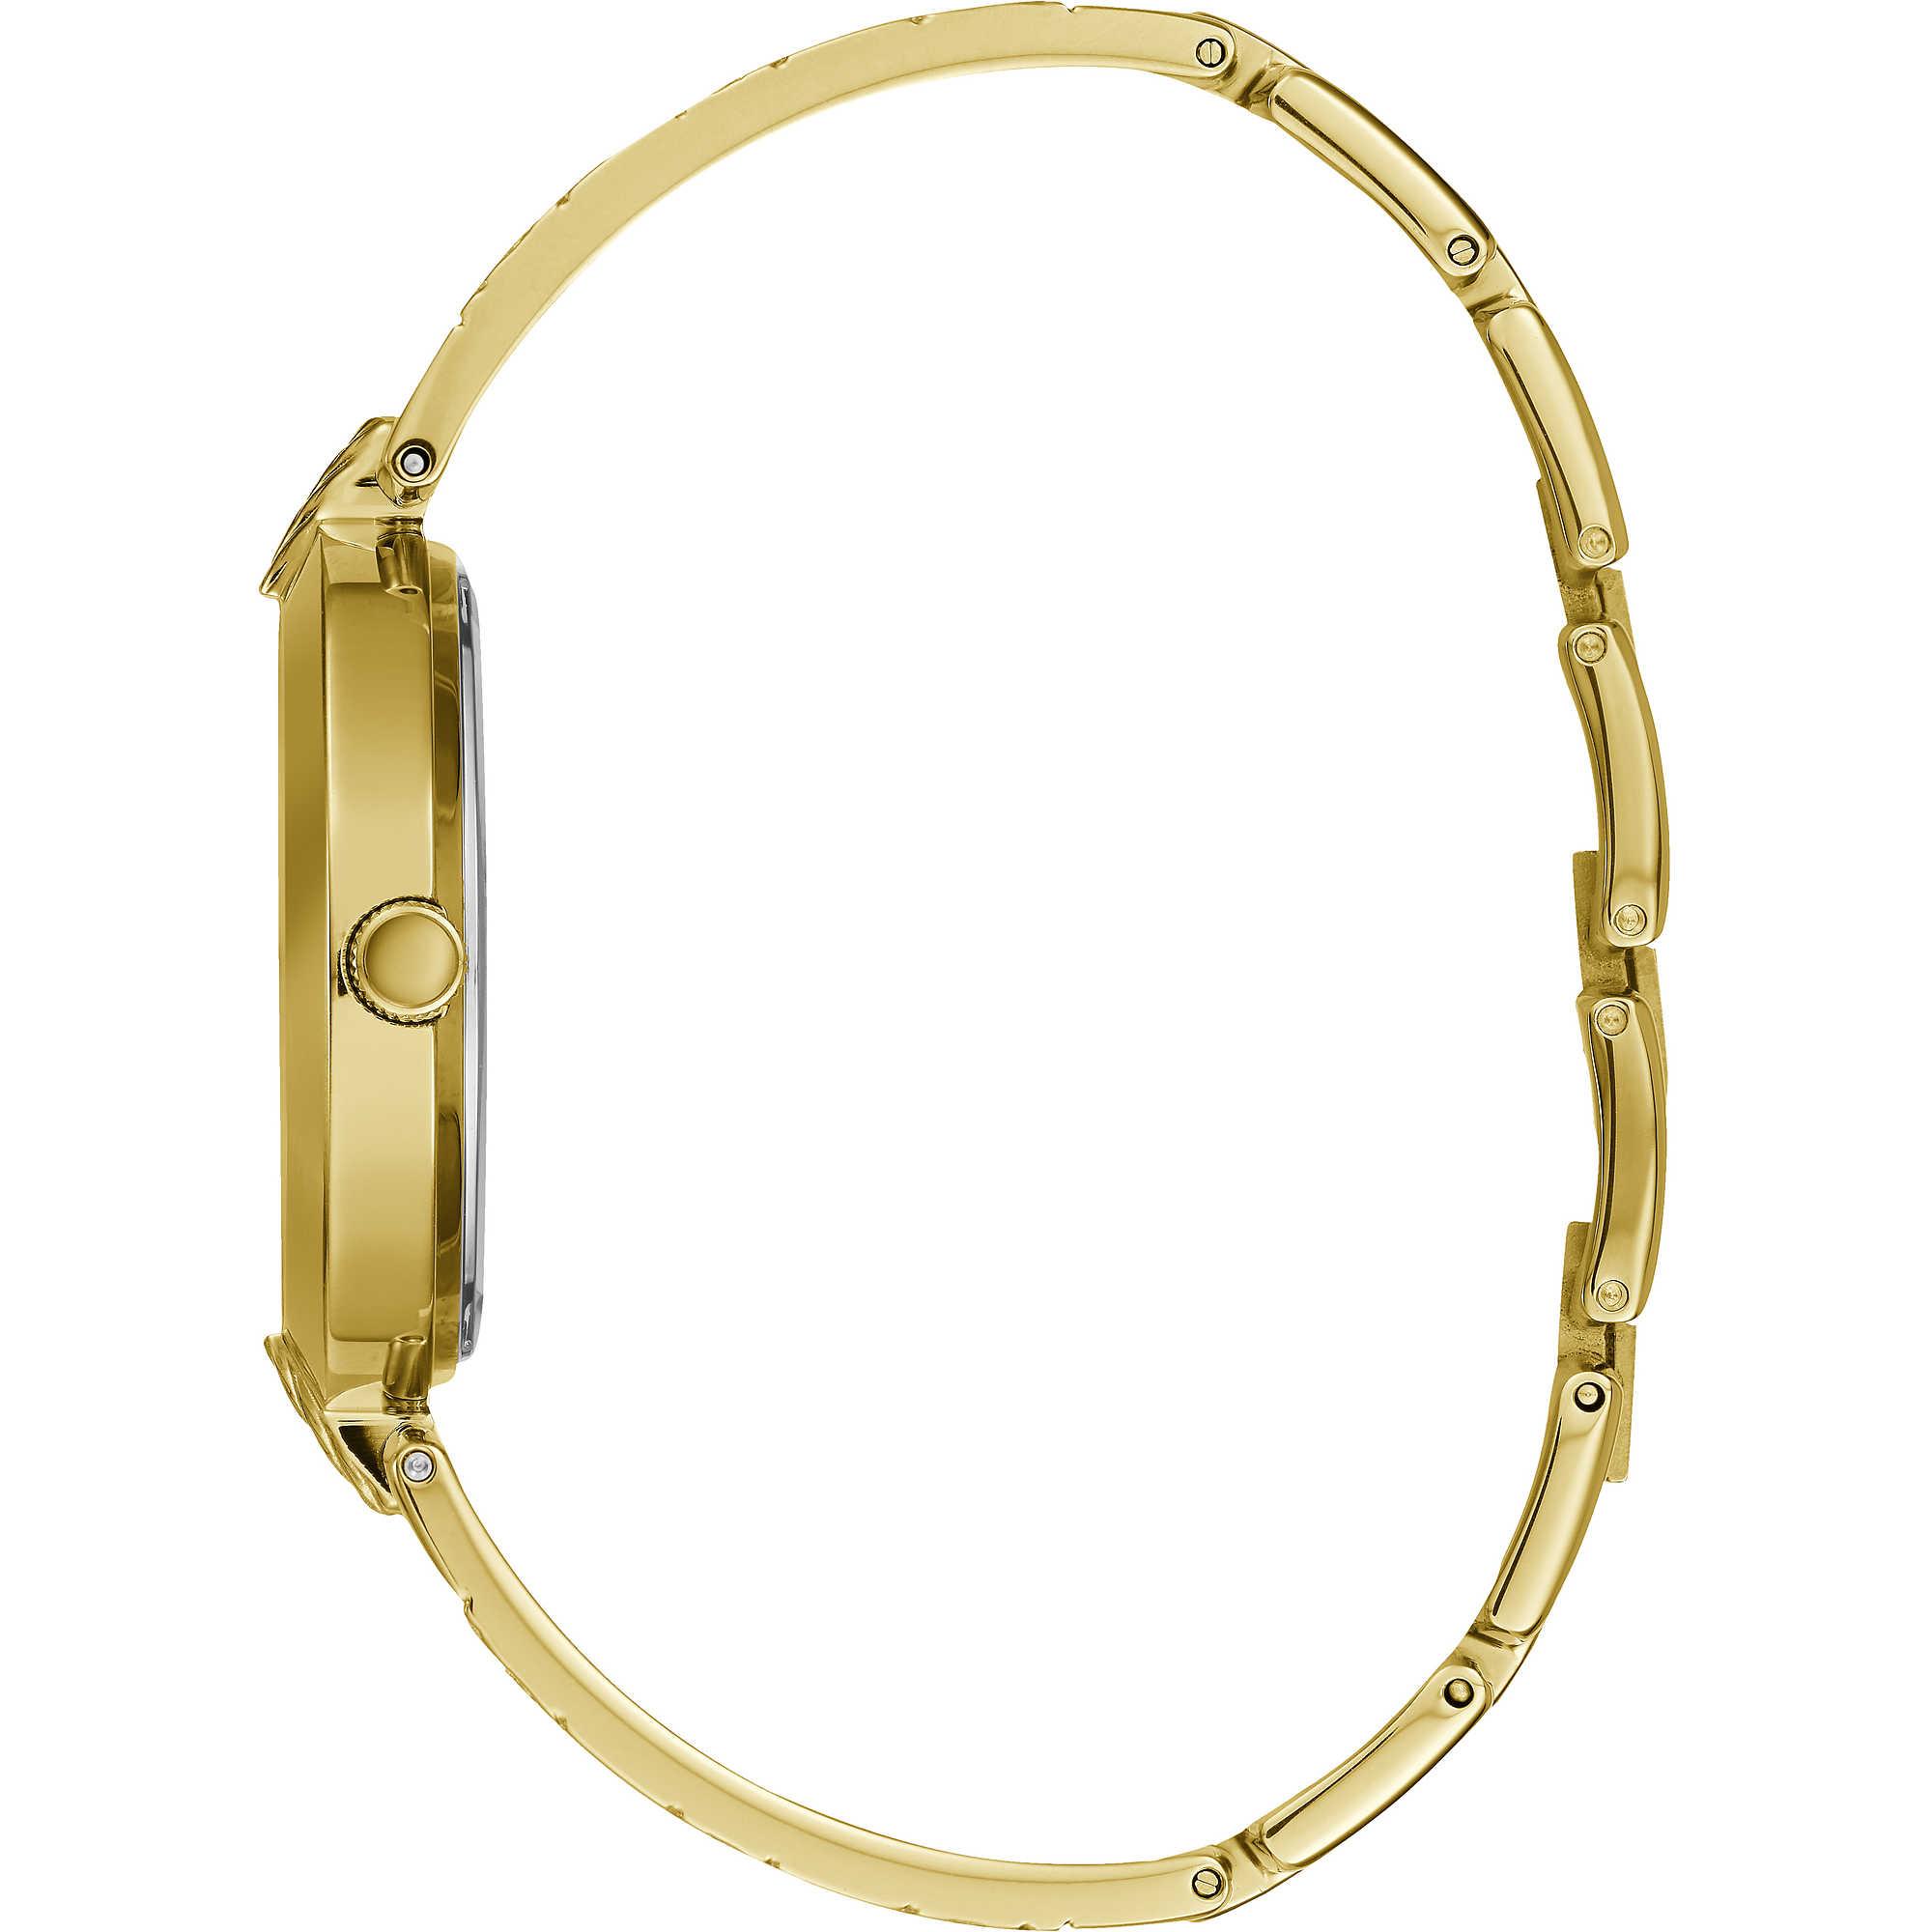 Orologio Guess Donna G LUXE con logo Guess dorato W1228L2